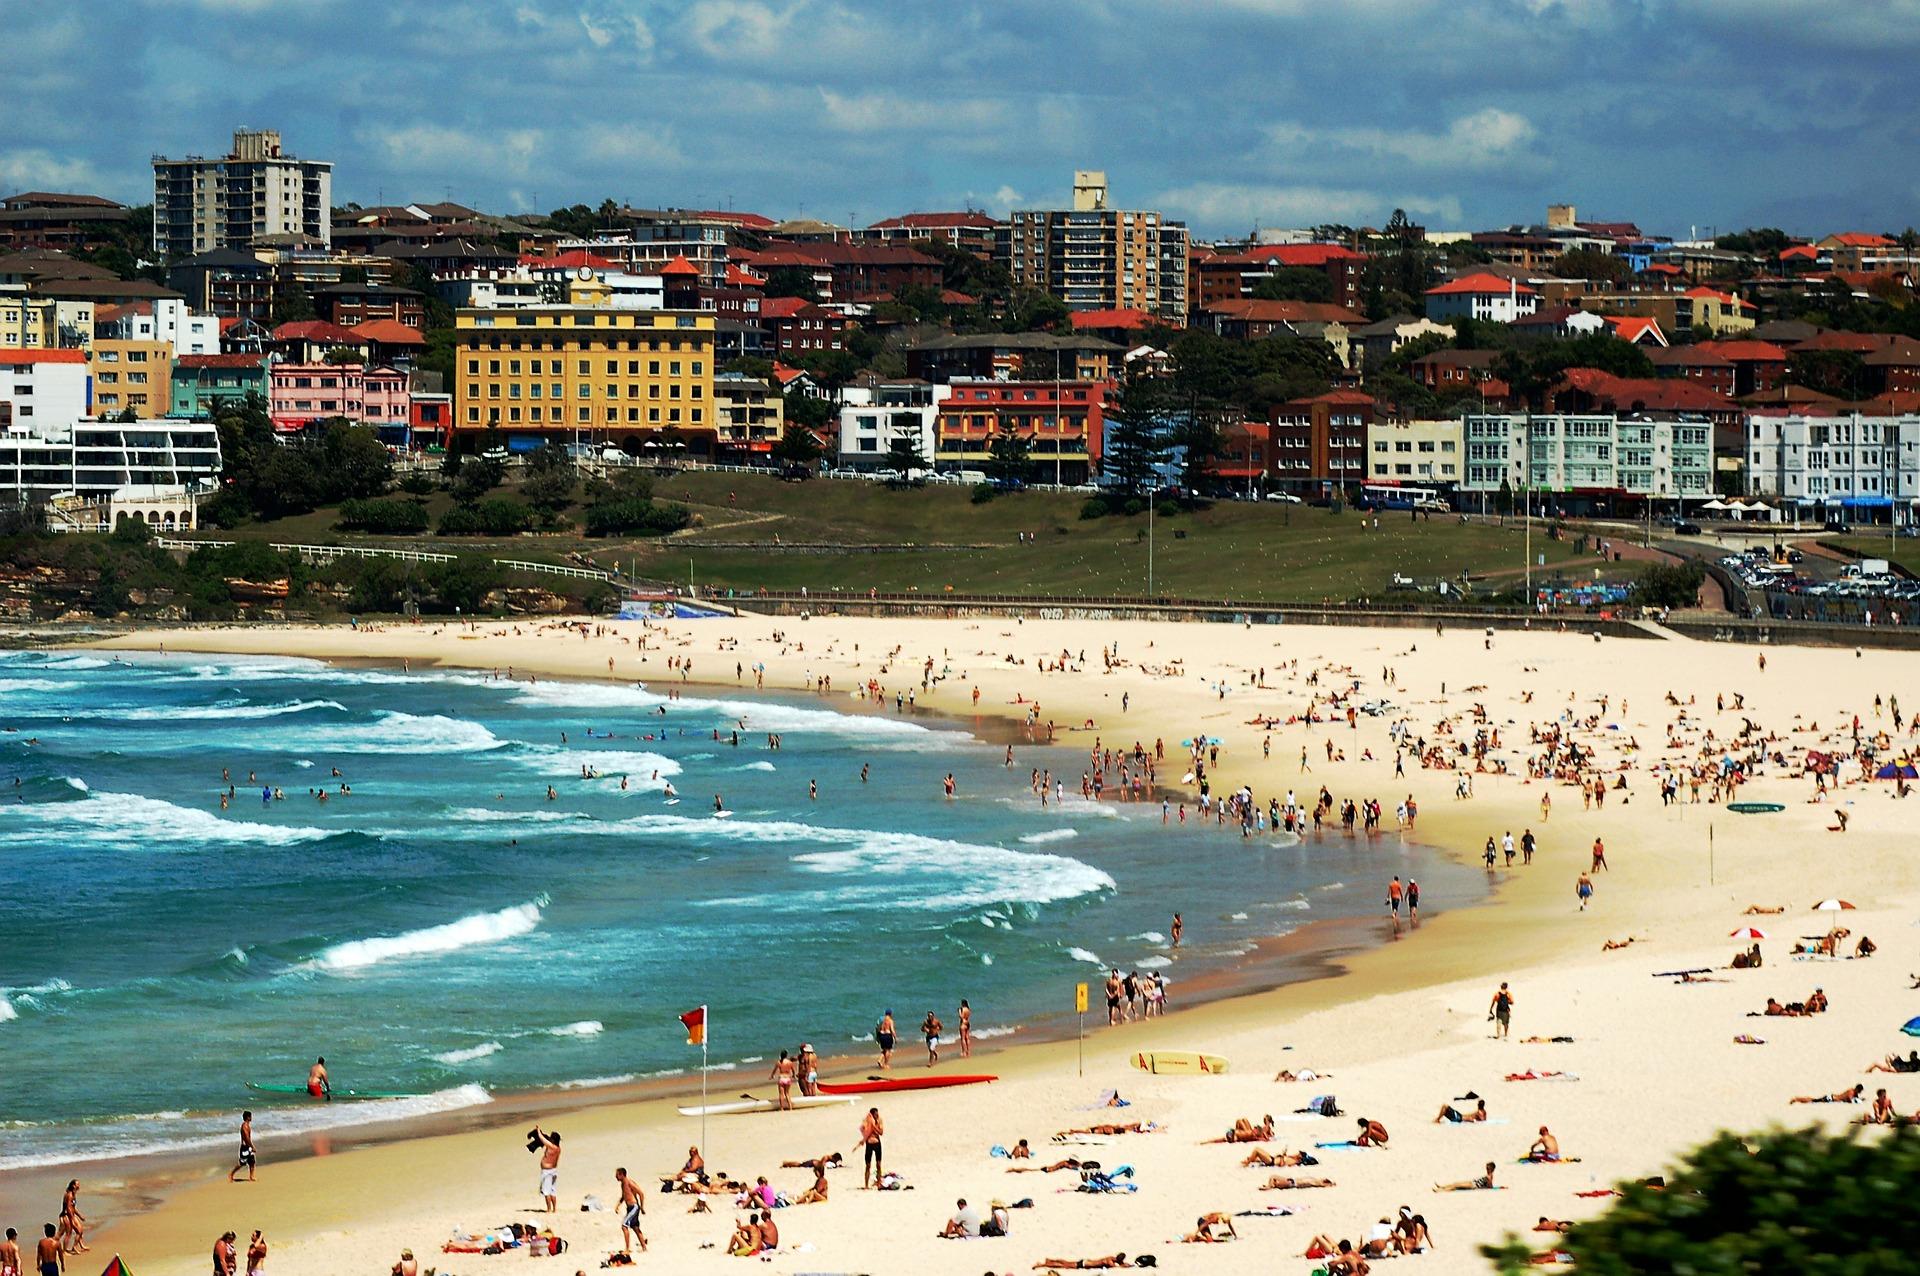 Padaju temperaturni rekordi u Australiji